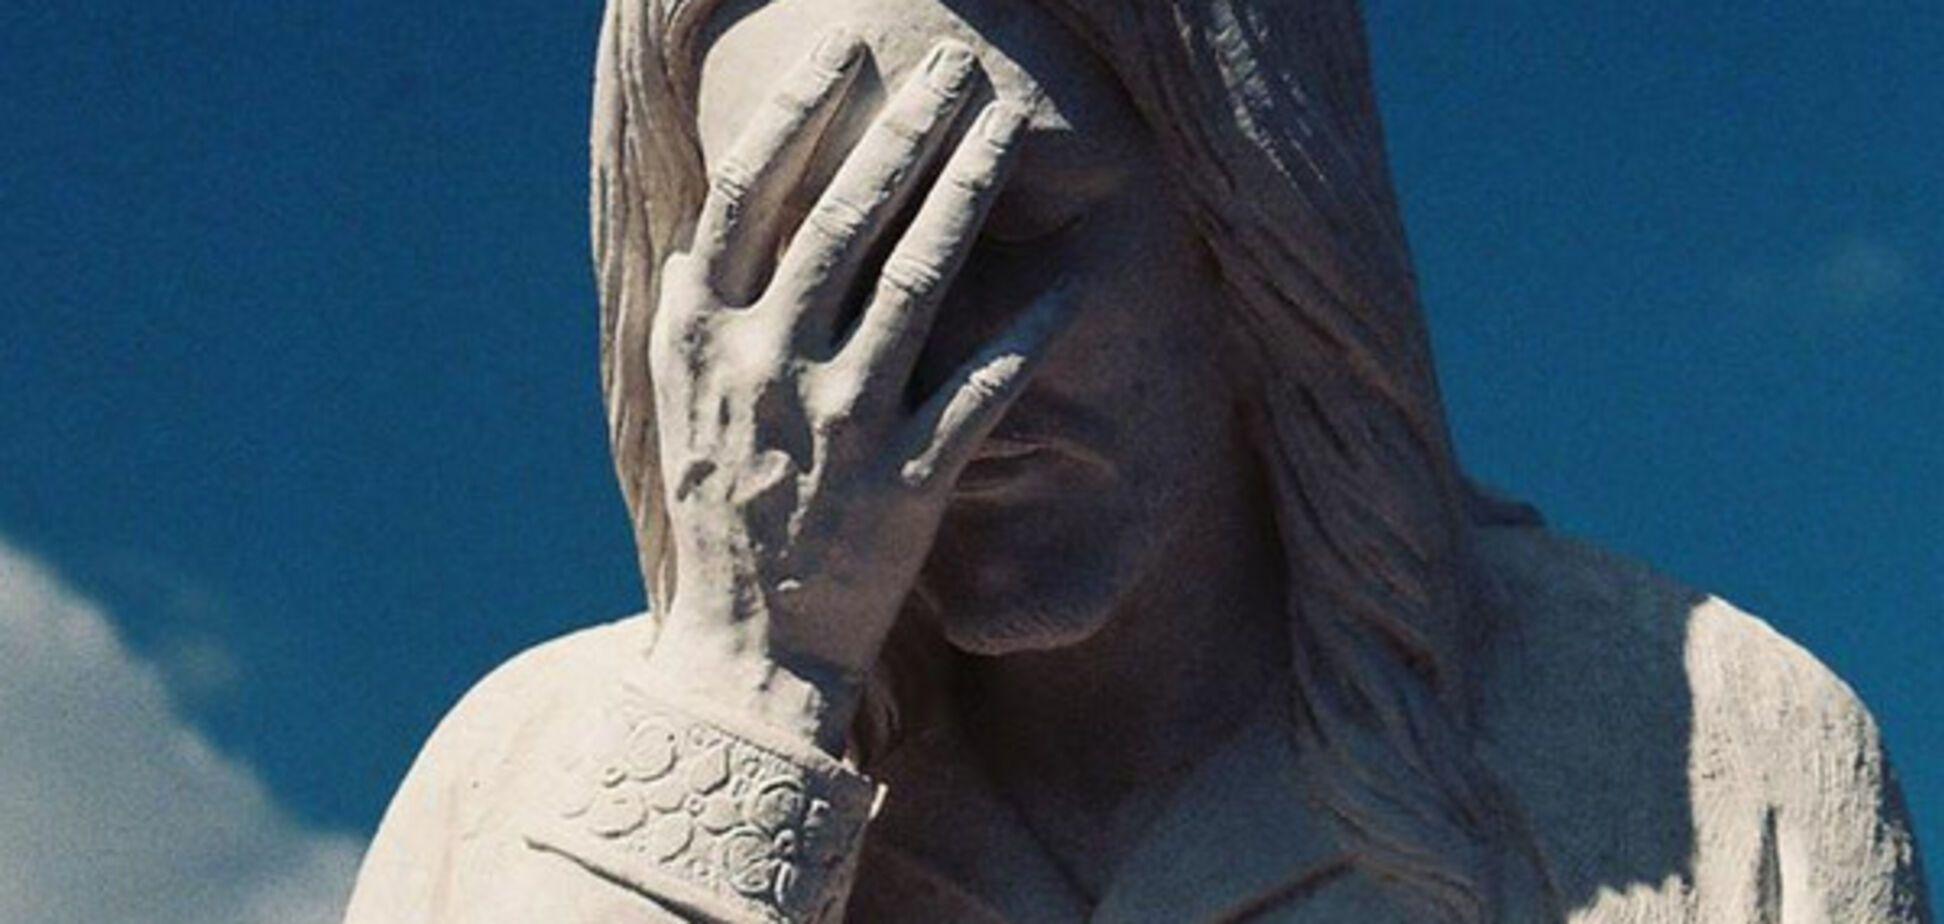 'А козаків кіборги в фарш розкатали': байка про Ісуса в Росії вразила мережу